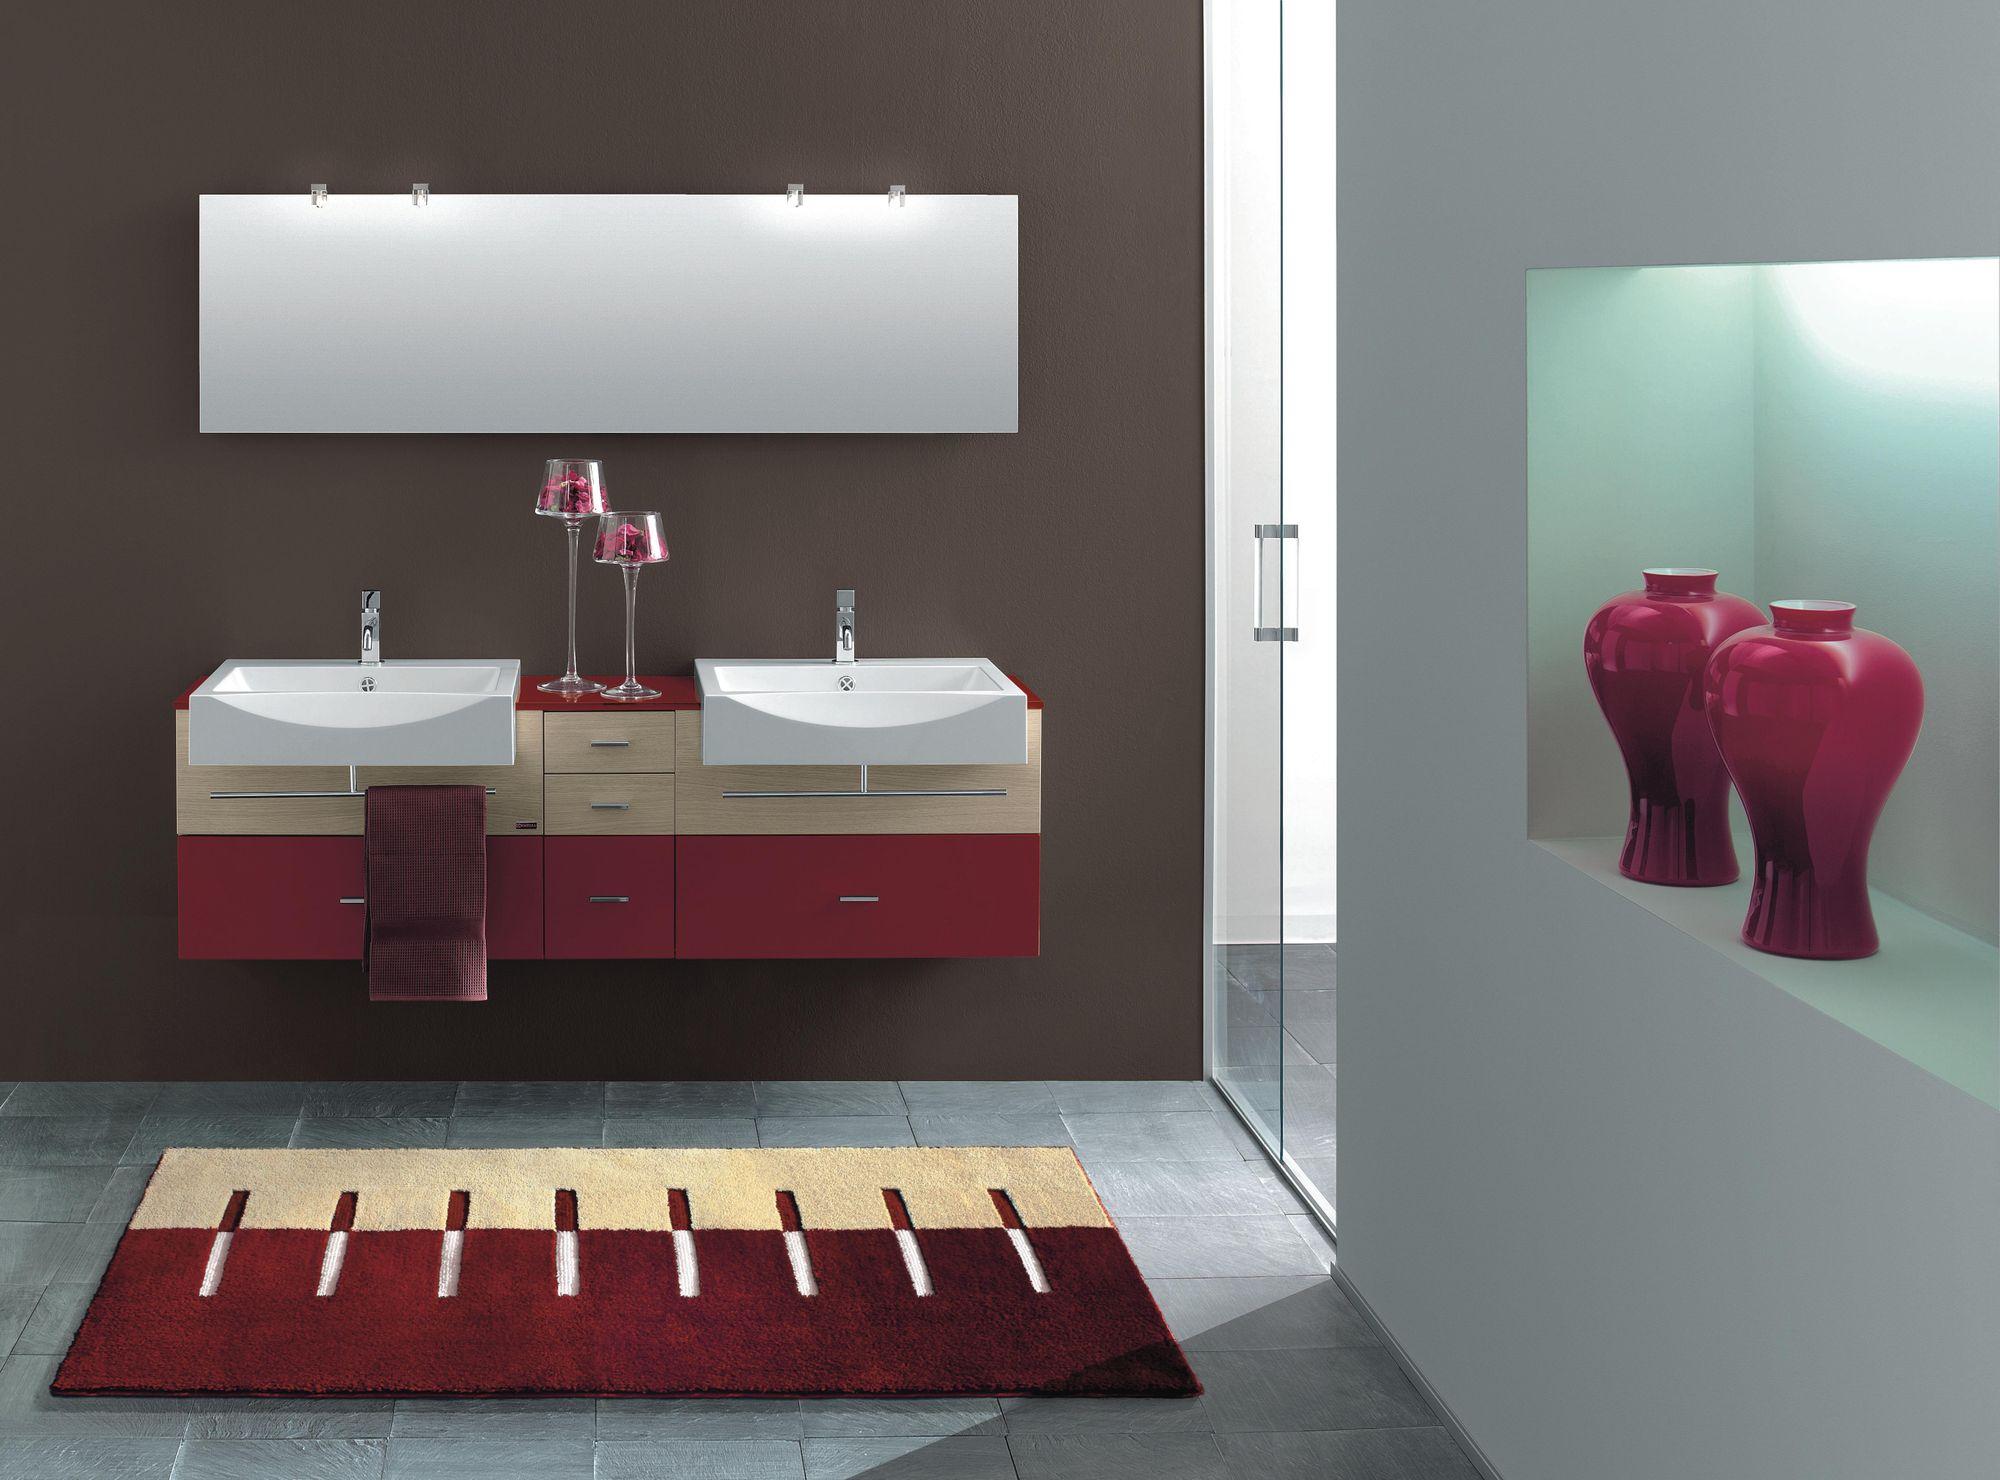 clarissa badteppich nach ma structura iv wunschma badteppich von rhomtuft. Black Bedroom Furniture Sets. Home Design Ideas